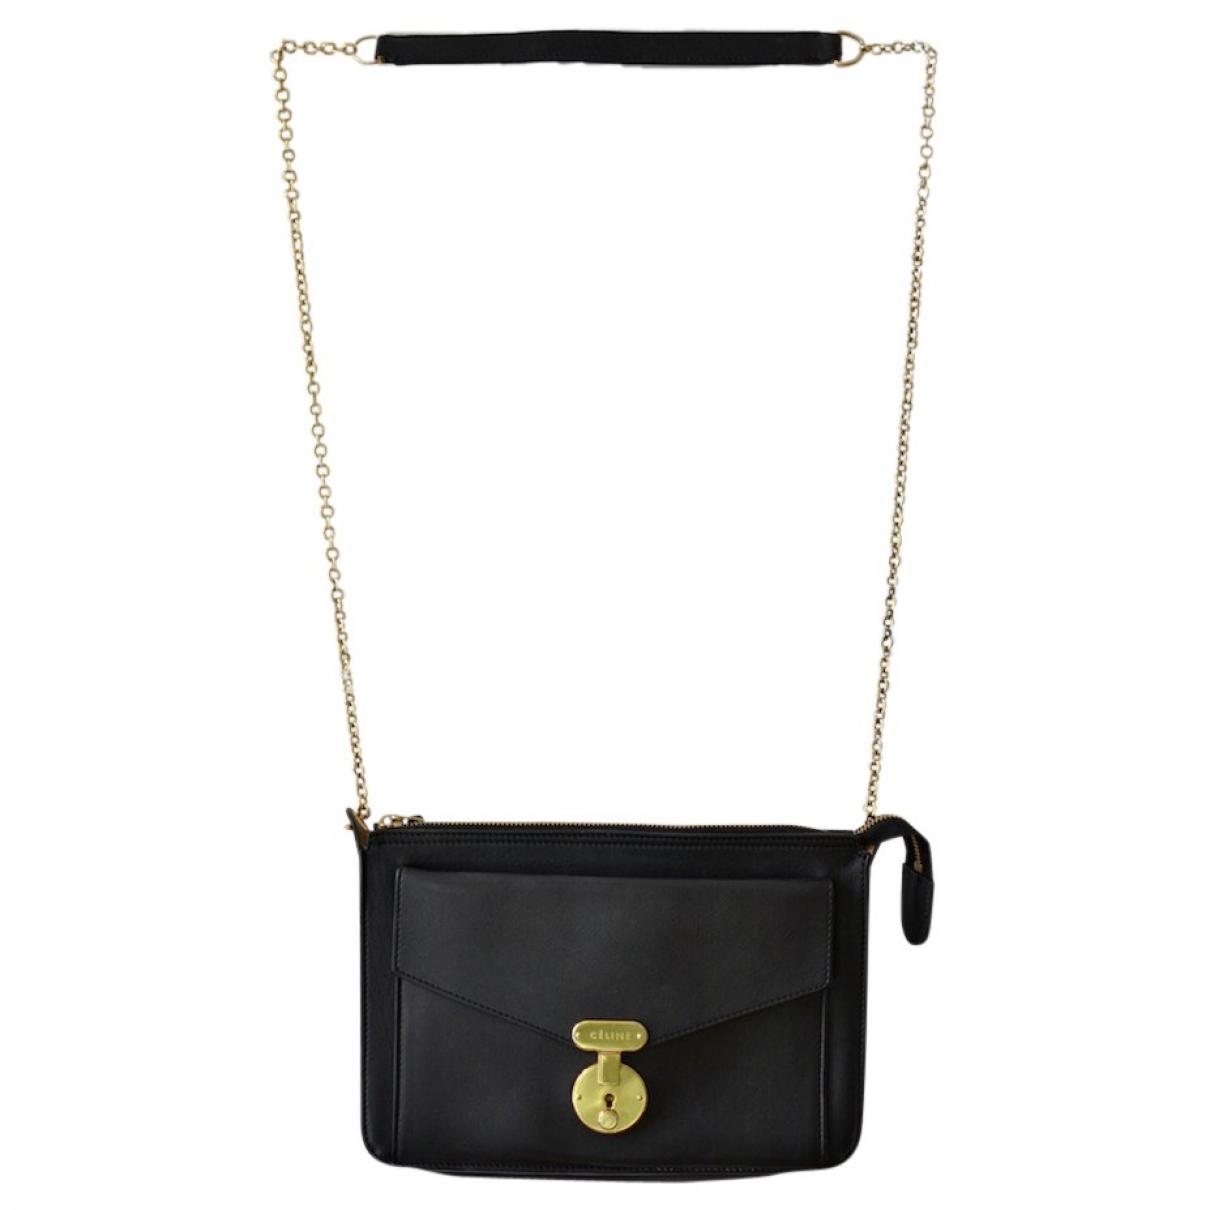 Celine \N Blue Leather handbag for Women \N